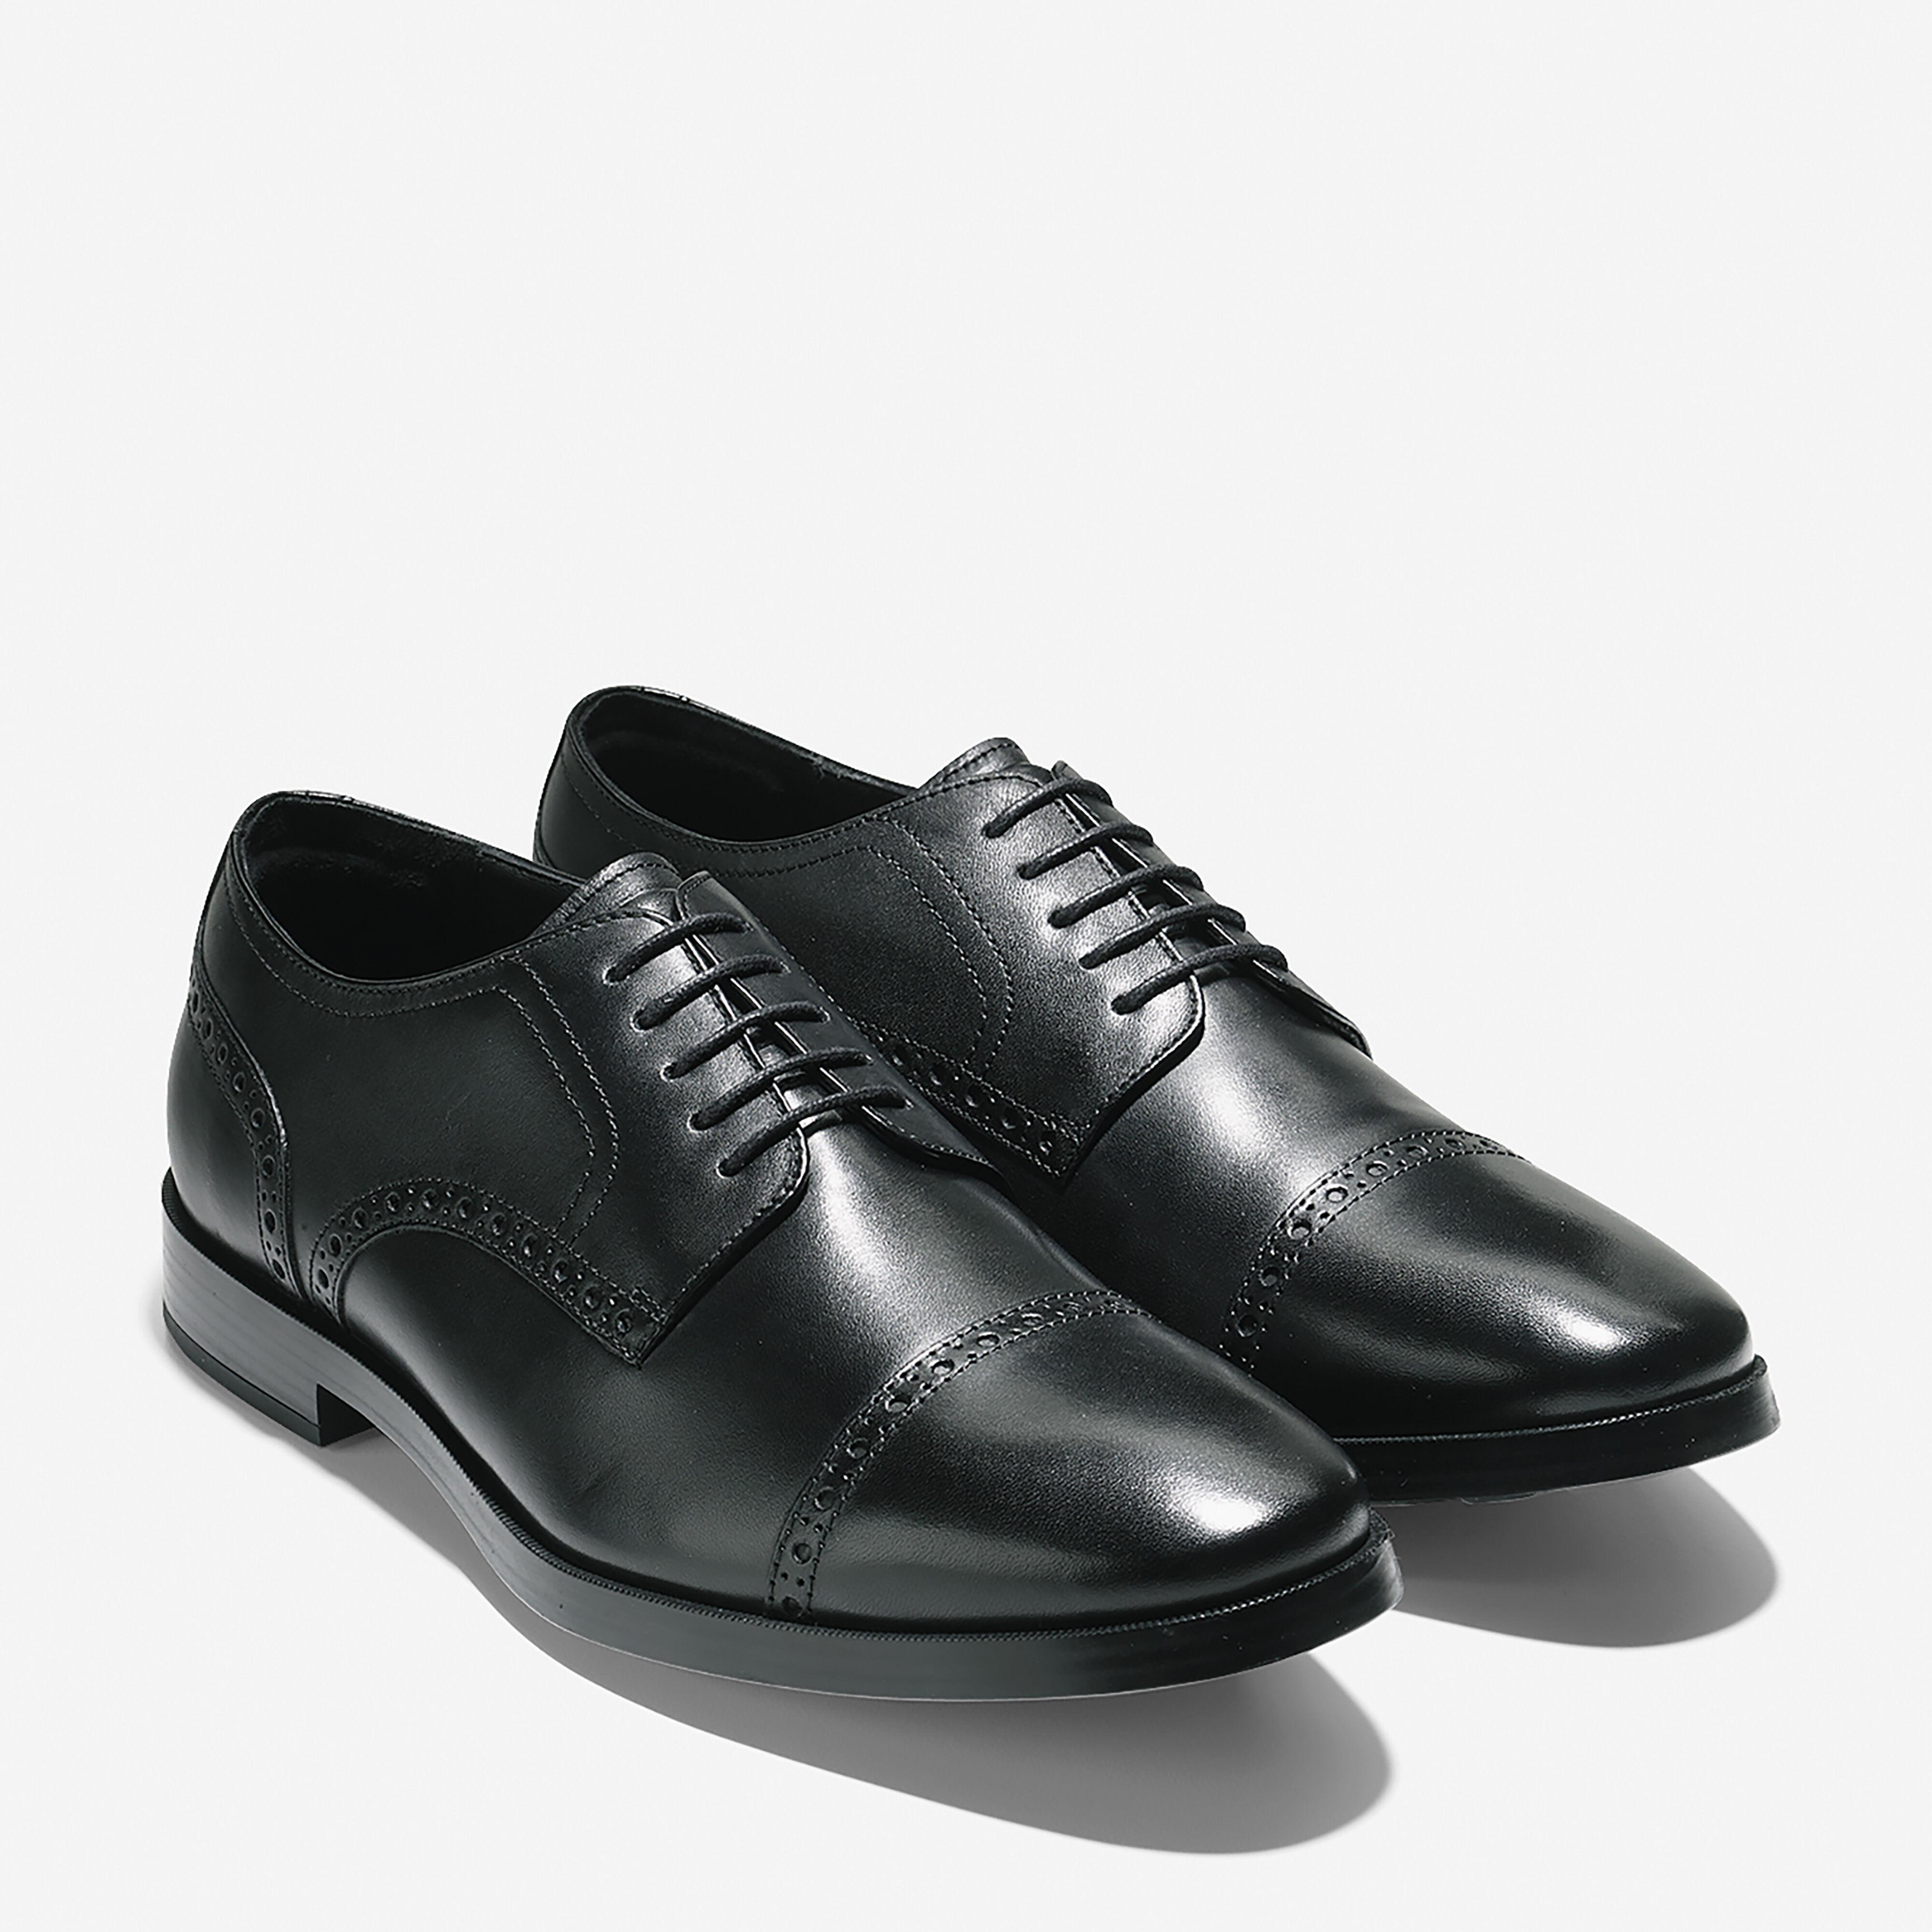 Jefferson Grand Cap Toe Oxford in Black